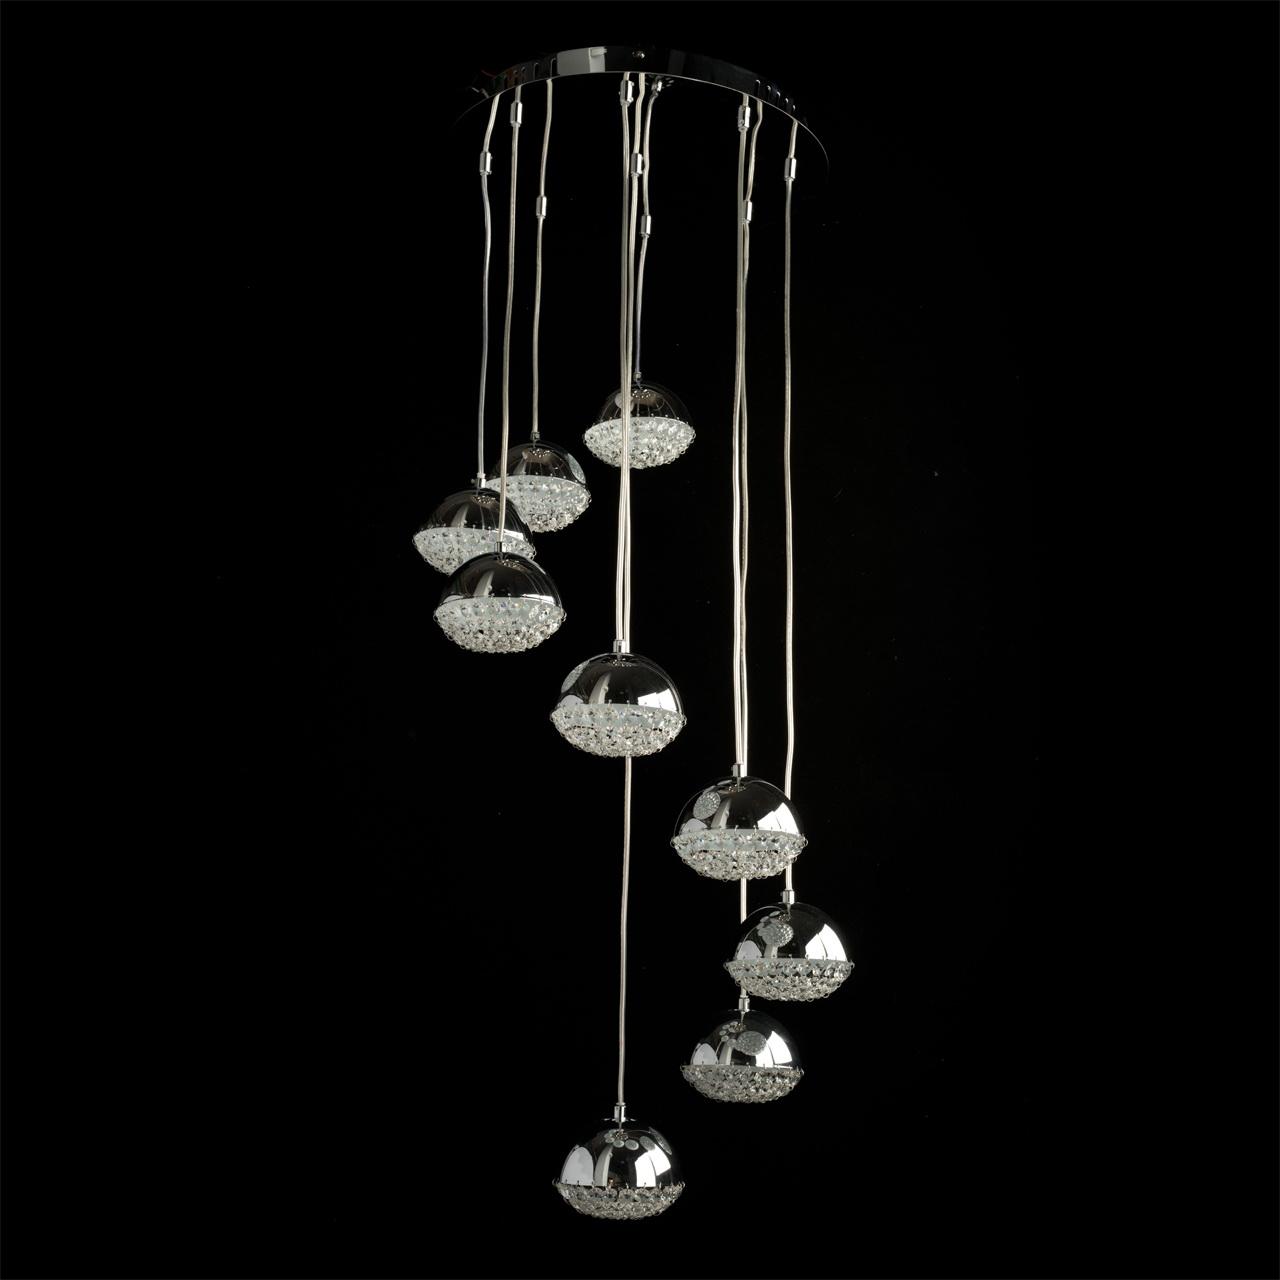 Подвесной  потолочный светильник 461010909 MW-Lightподвесные<br>461010909. Бренд - MW-Light. материал плафона - хрусталь. цвет плафона - прозрачный. тип лампы - LED. ширина/диаметр - 400. мощность - 5. количество ламп - 9.<br><br>популярные производители: MW-Light<br>материал плафона: хрусталь<br>цвет плафона: прозрачный<br>тип лампы: LED<br>ширина/диаметр: 400<br>максимальная мощность лампочки: 5<br>количество лампочек: 9